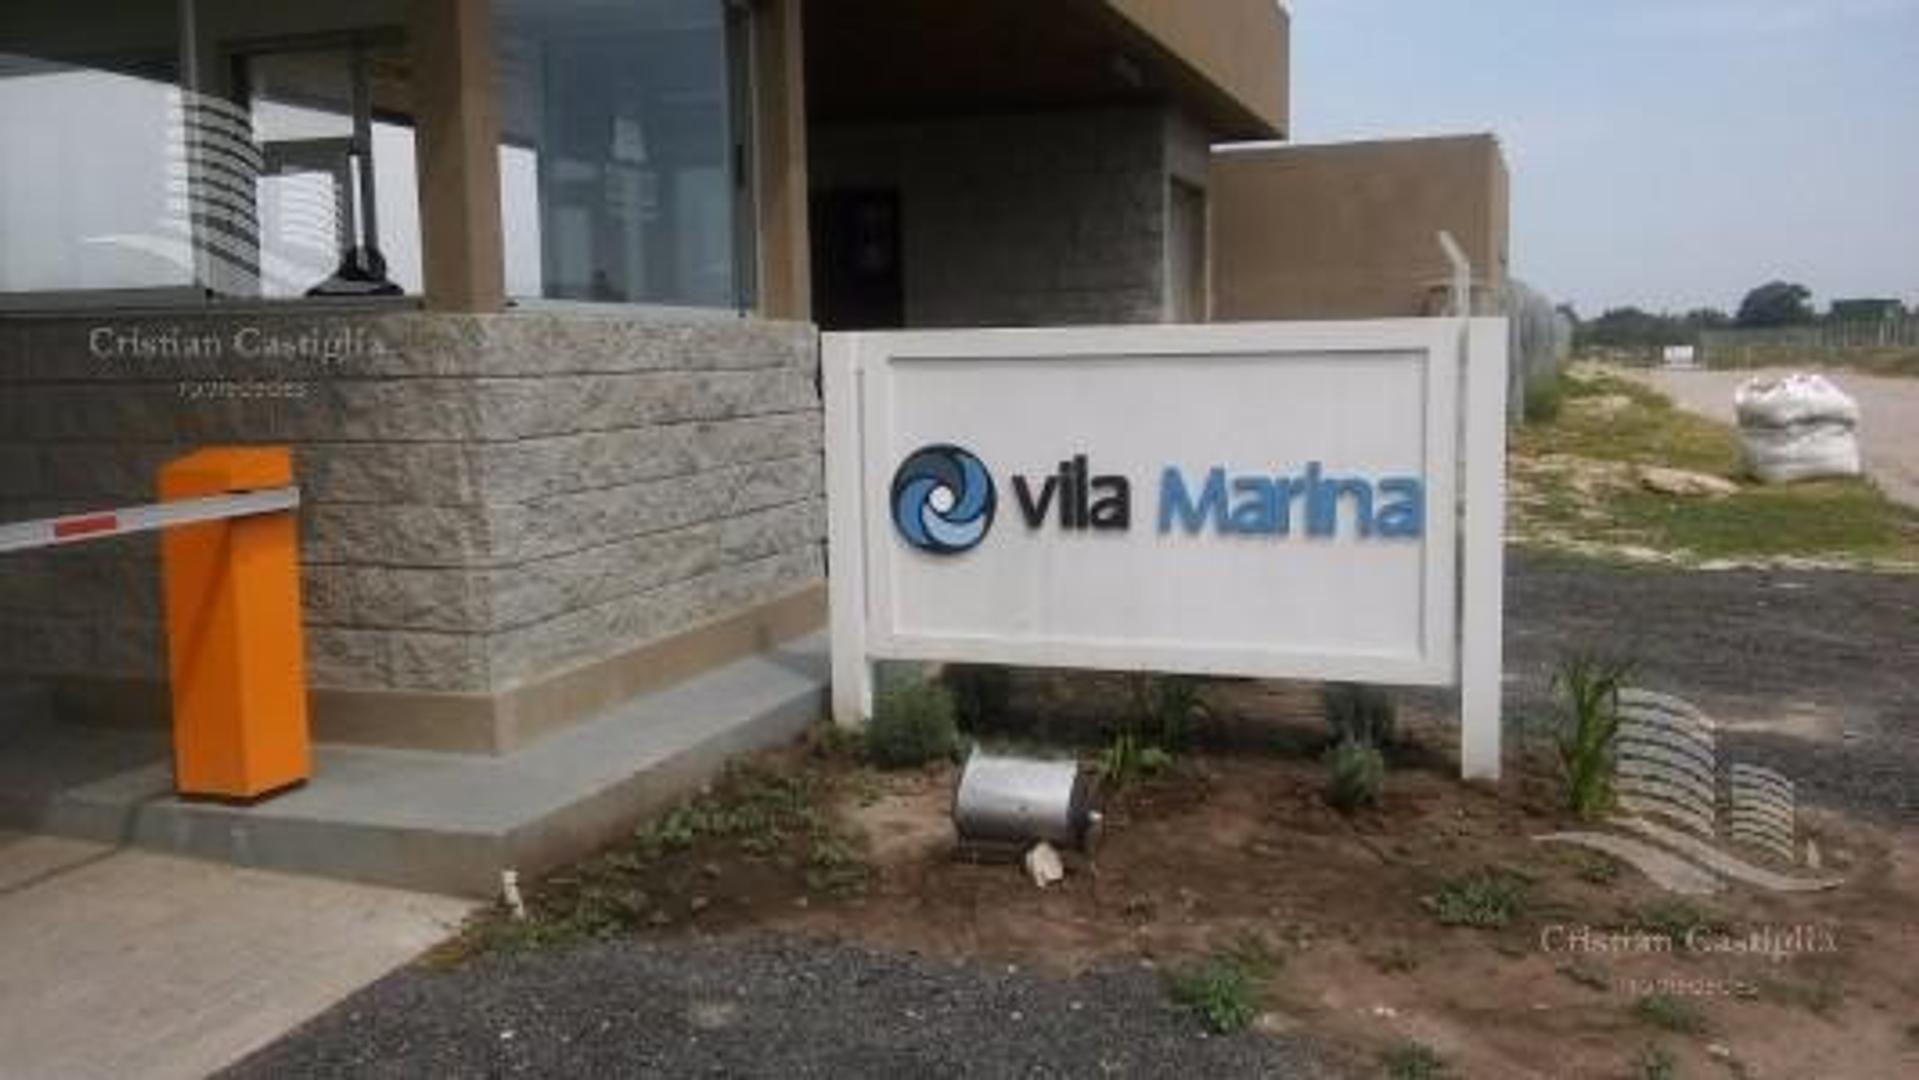 Terreno - Vila Marina